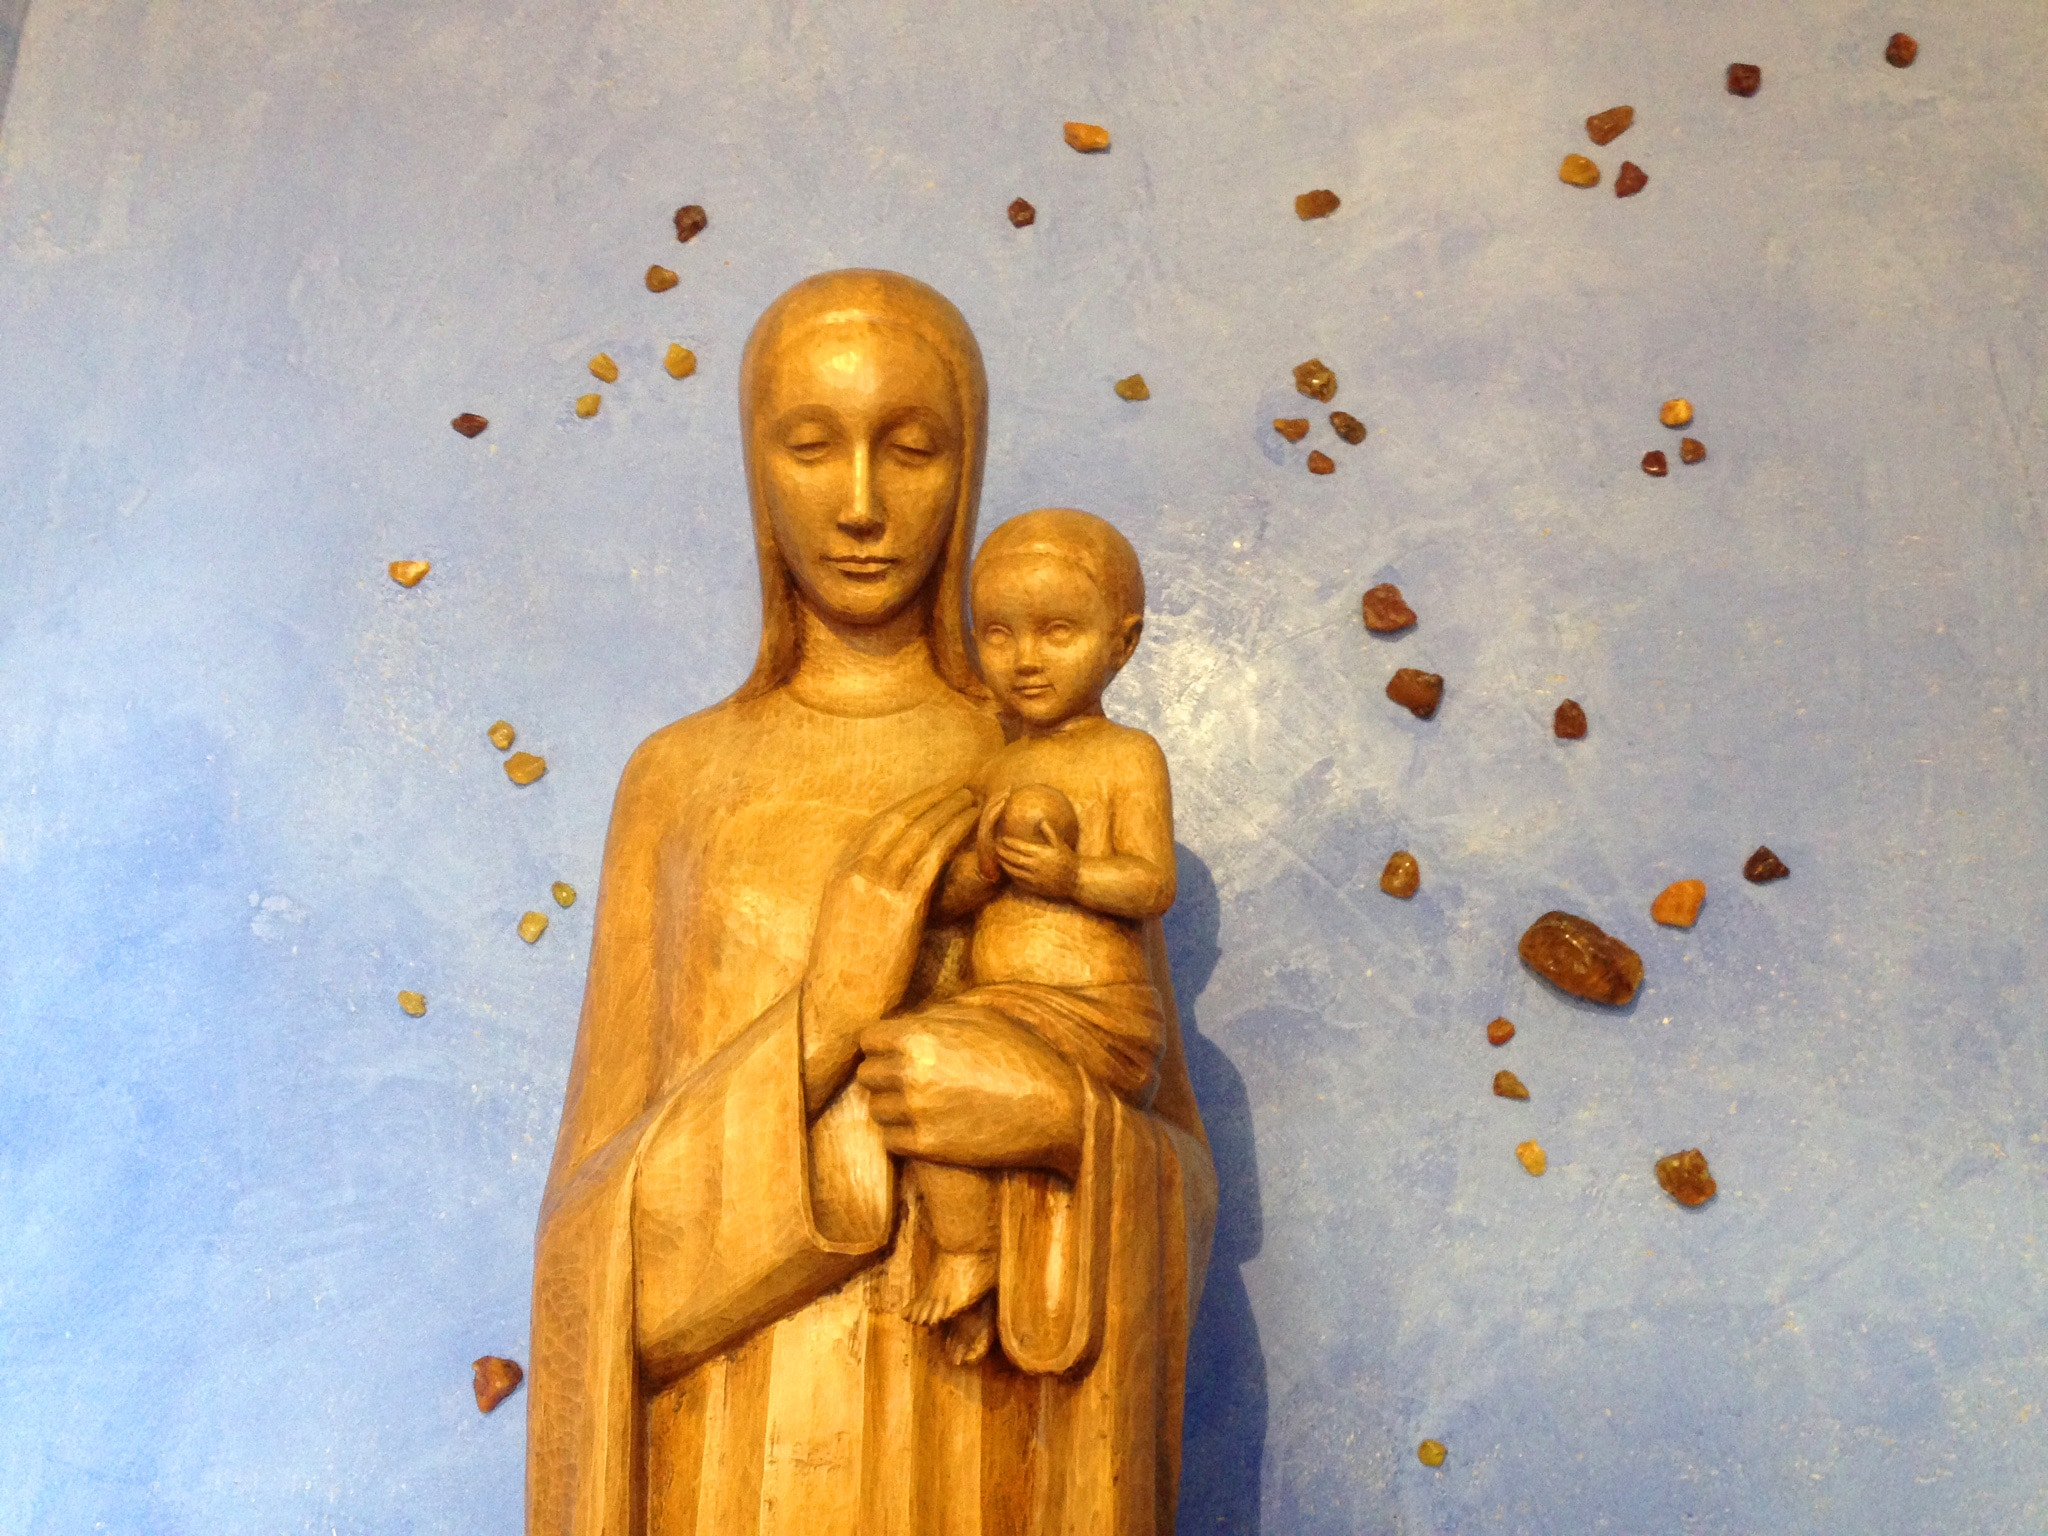 Marienfigur in der Kirche 'Zu den heiligen Schutzengeln' auf Juist